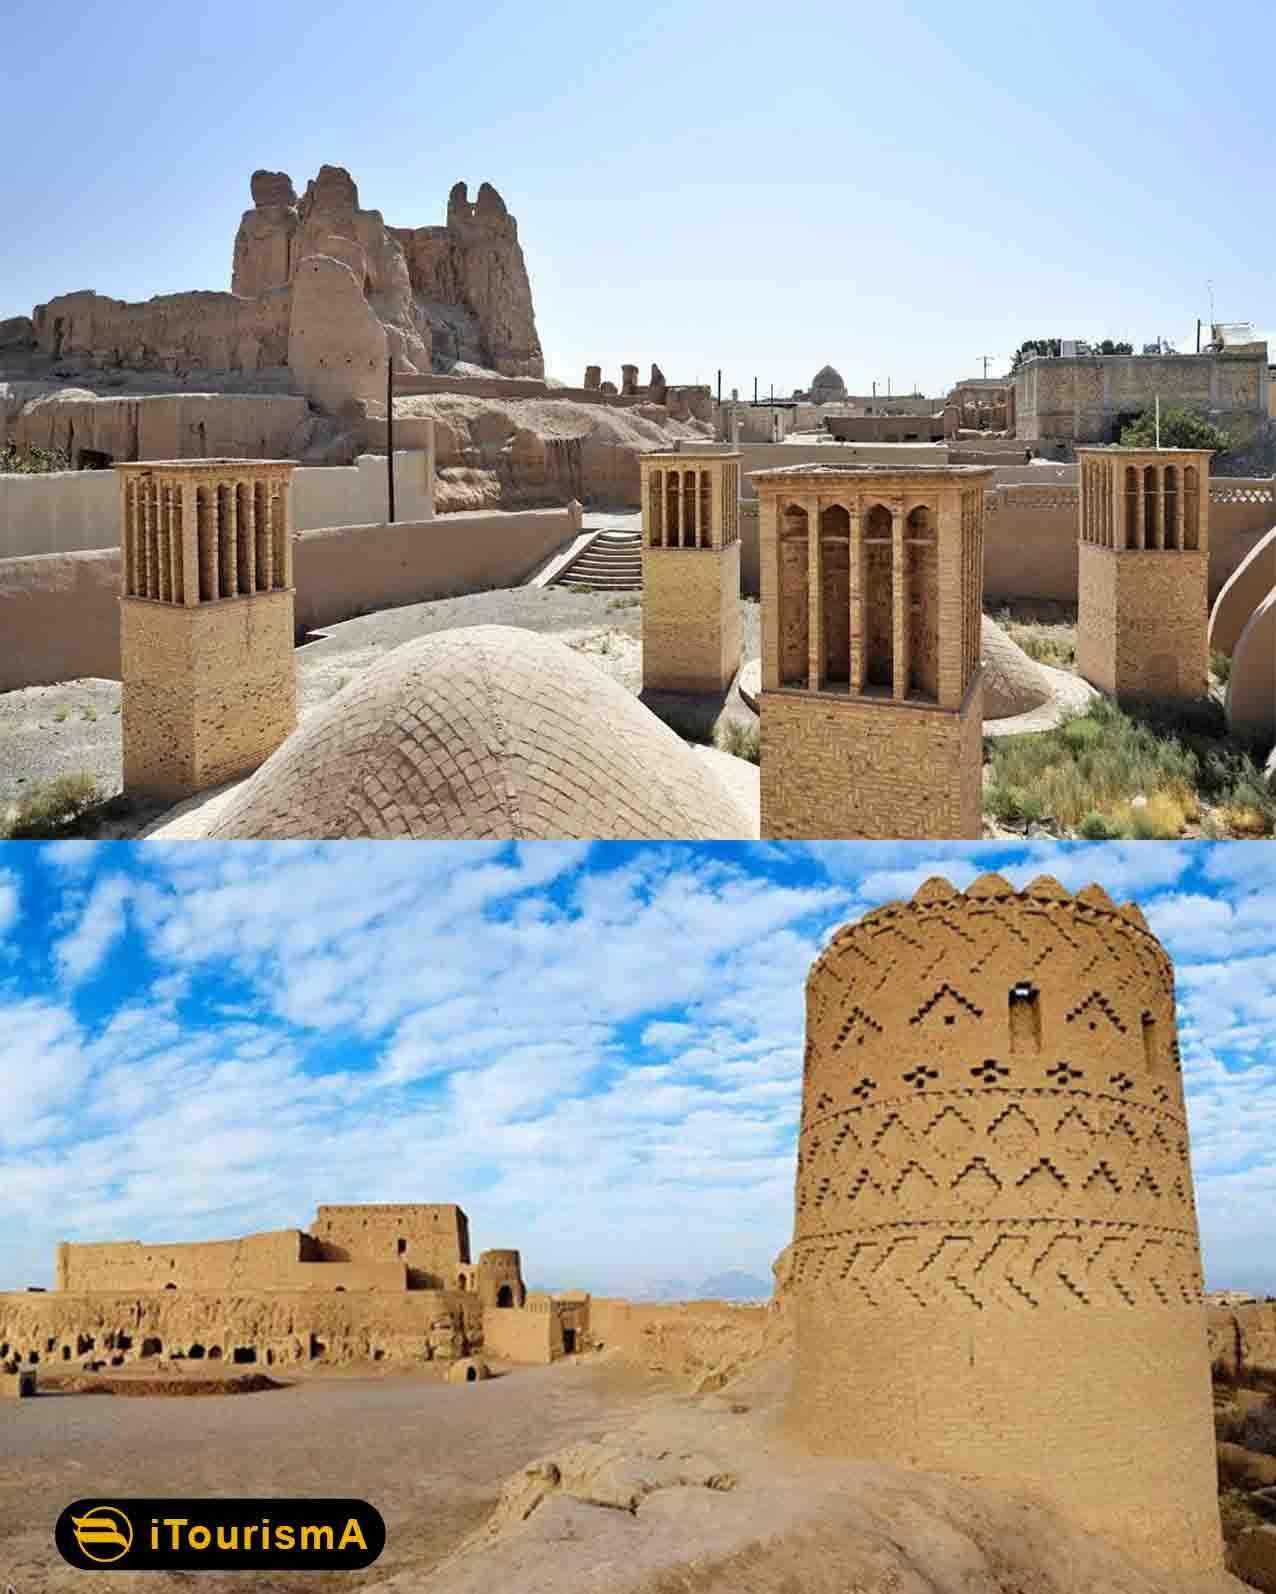 نائین، شهری تاریخی در نزدیکی شهر اصفهان